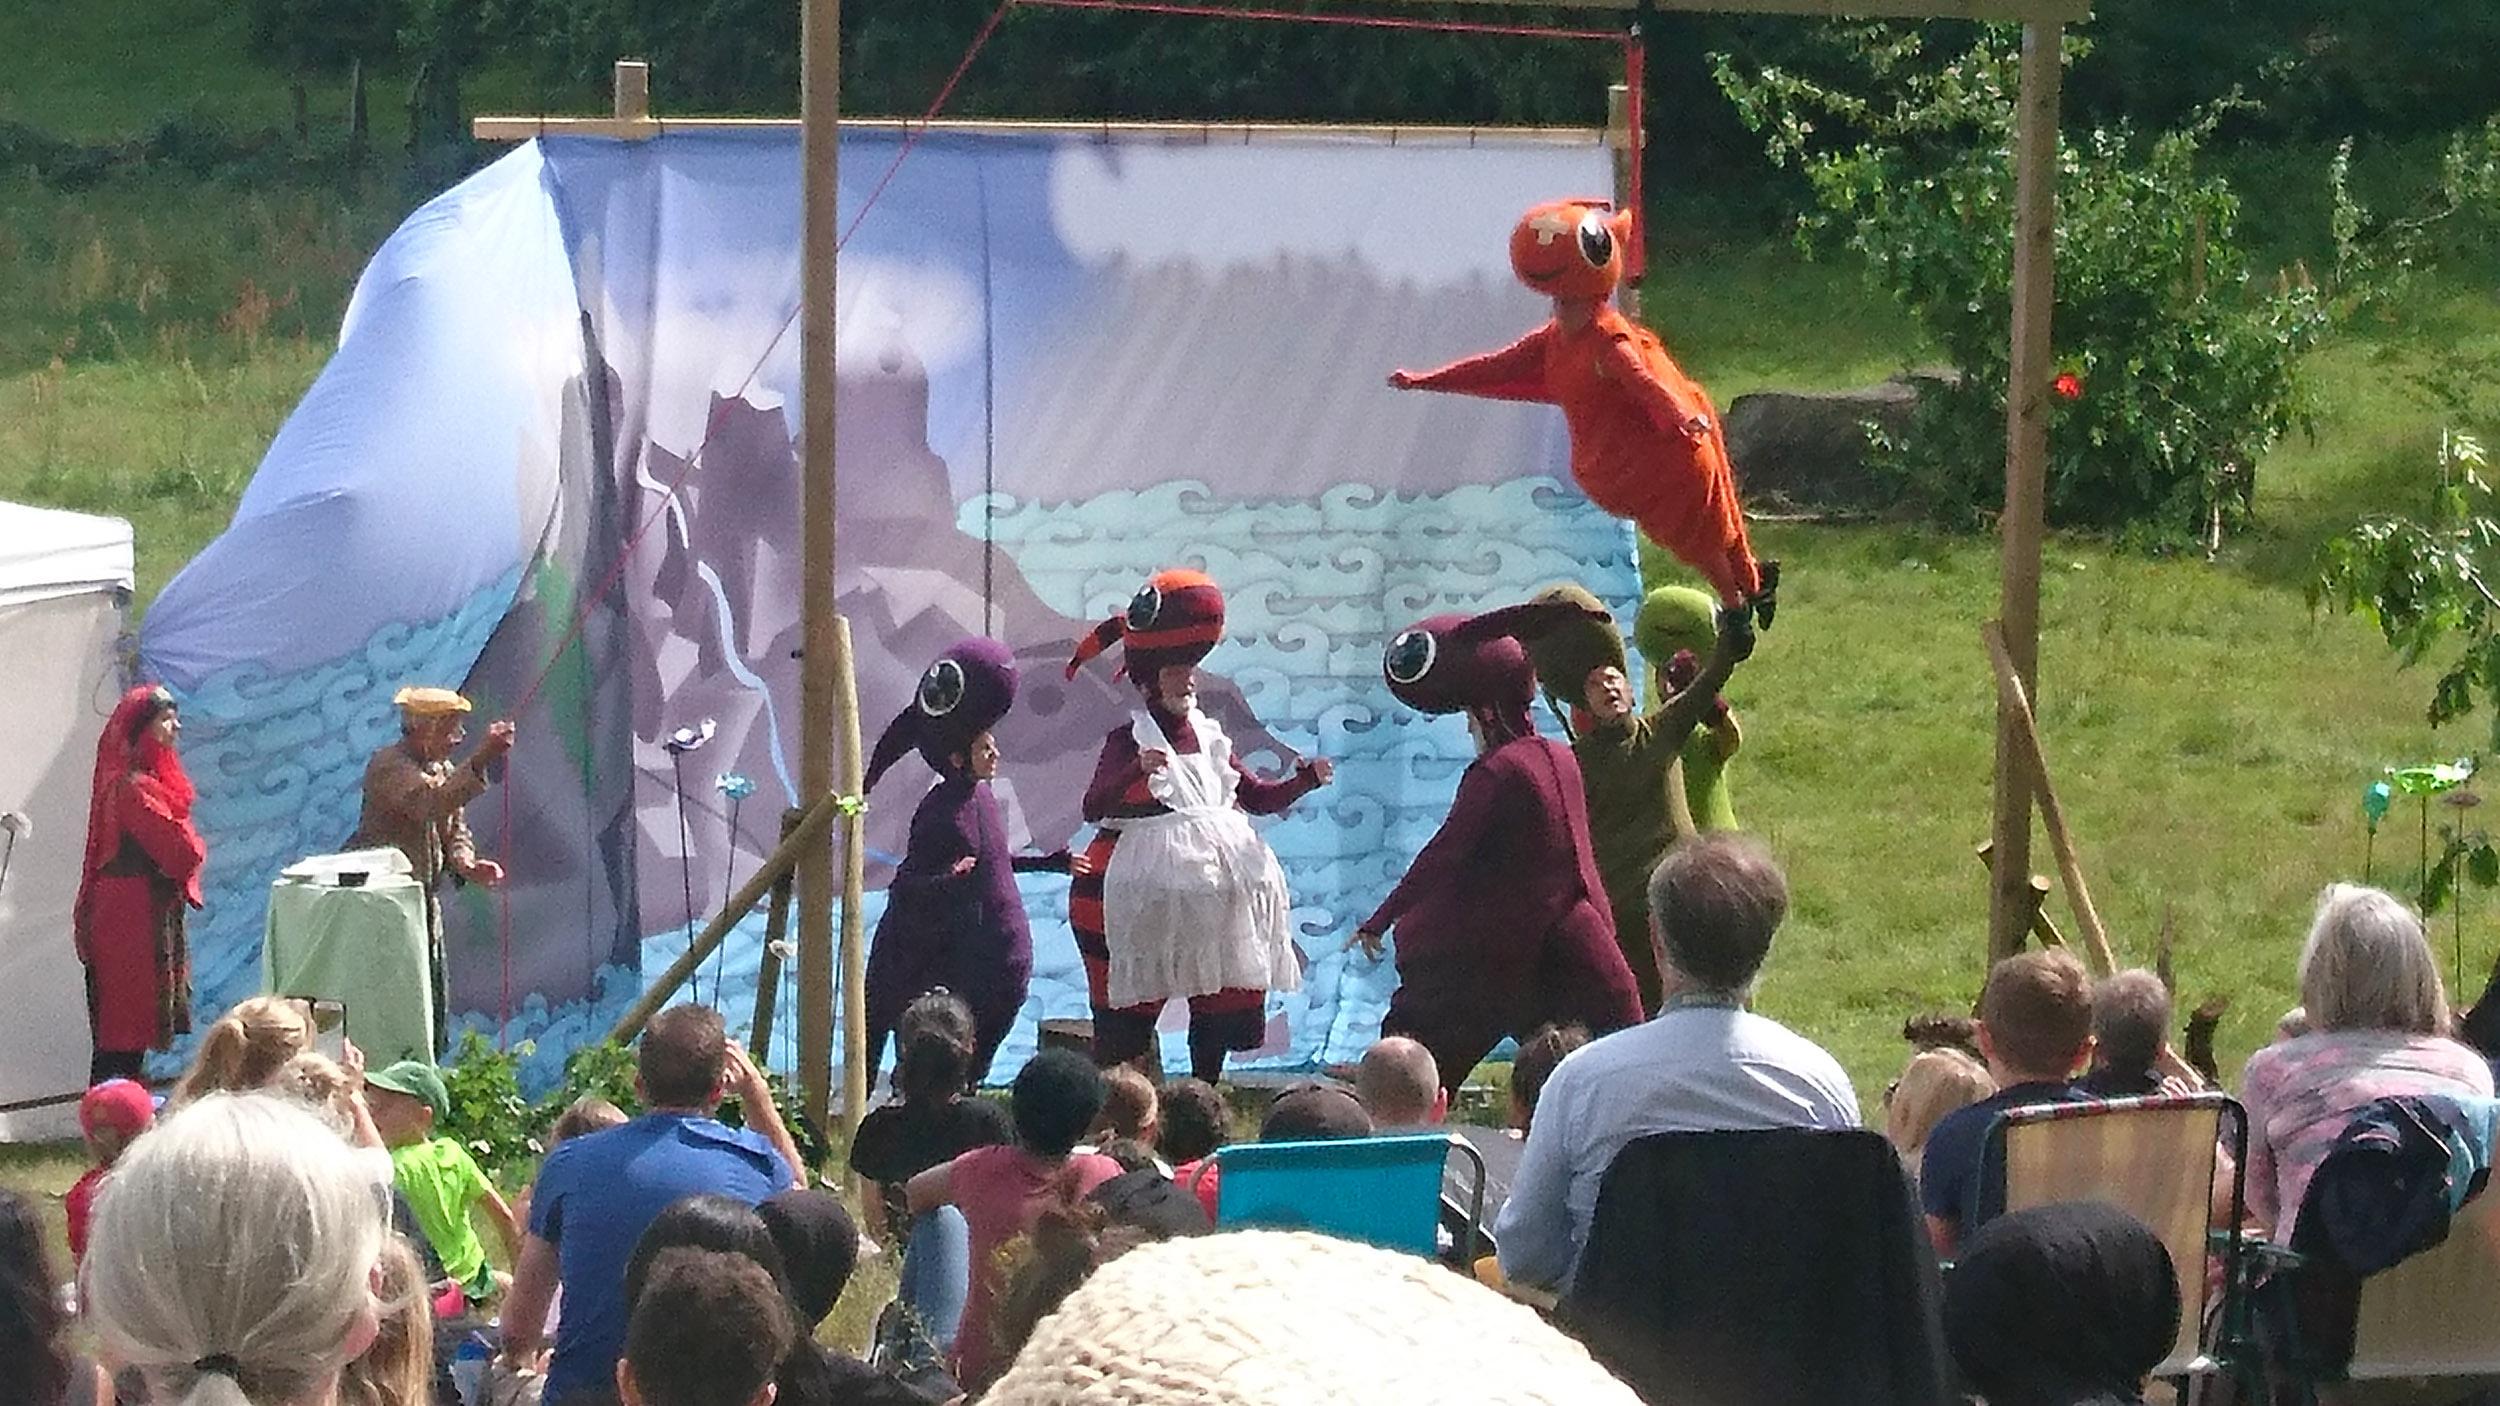 Draken Kjetil lär sig flyga i Drakamöllan.